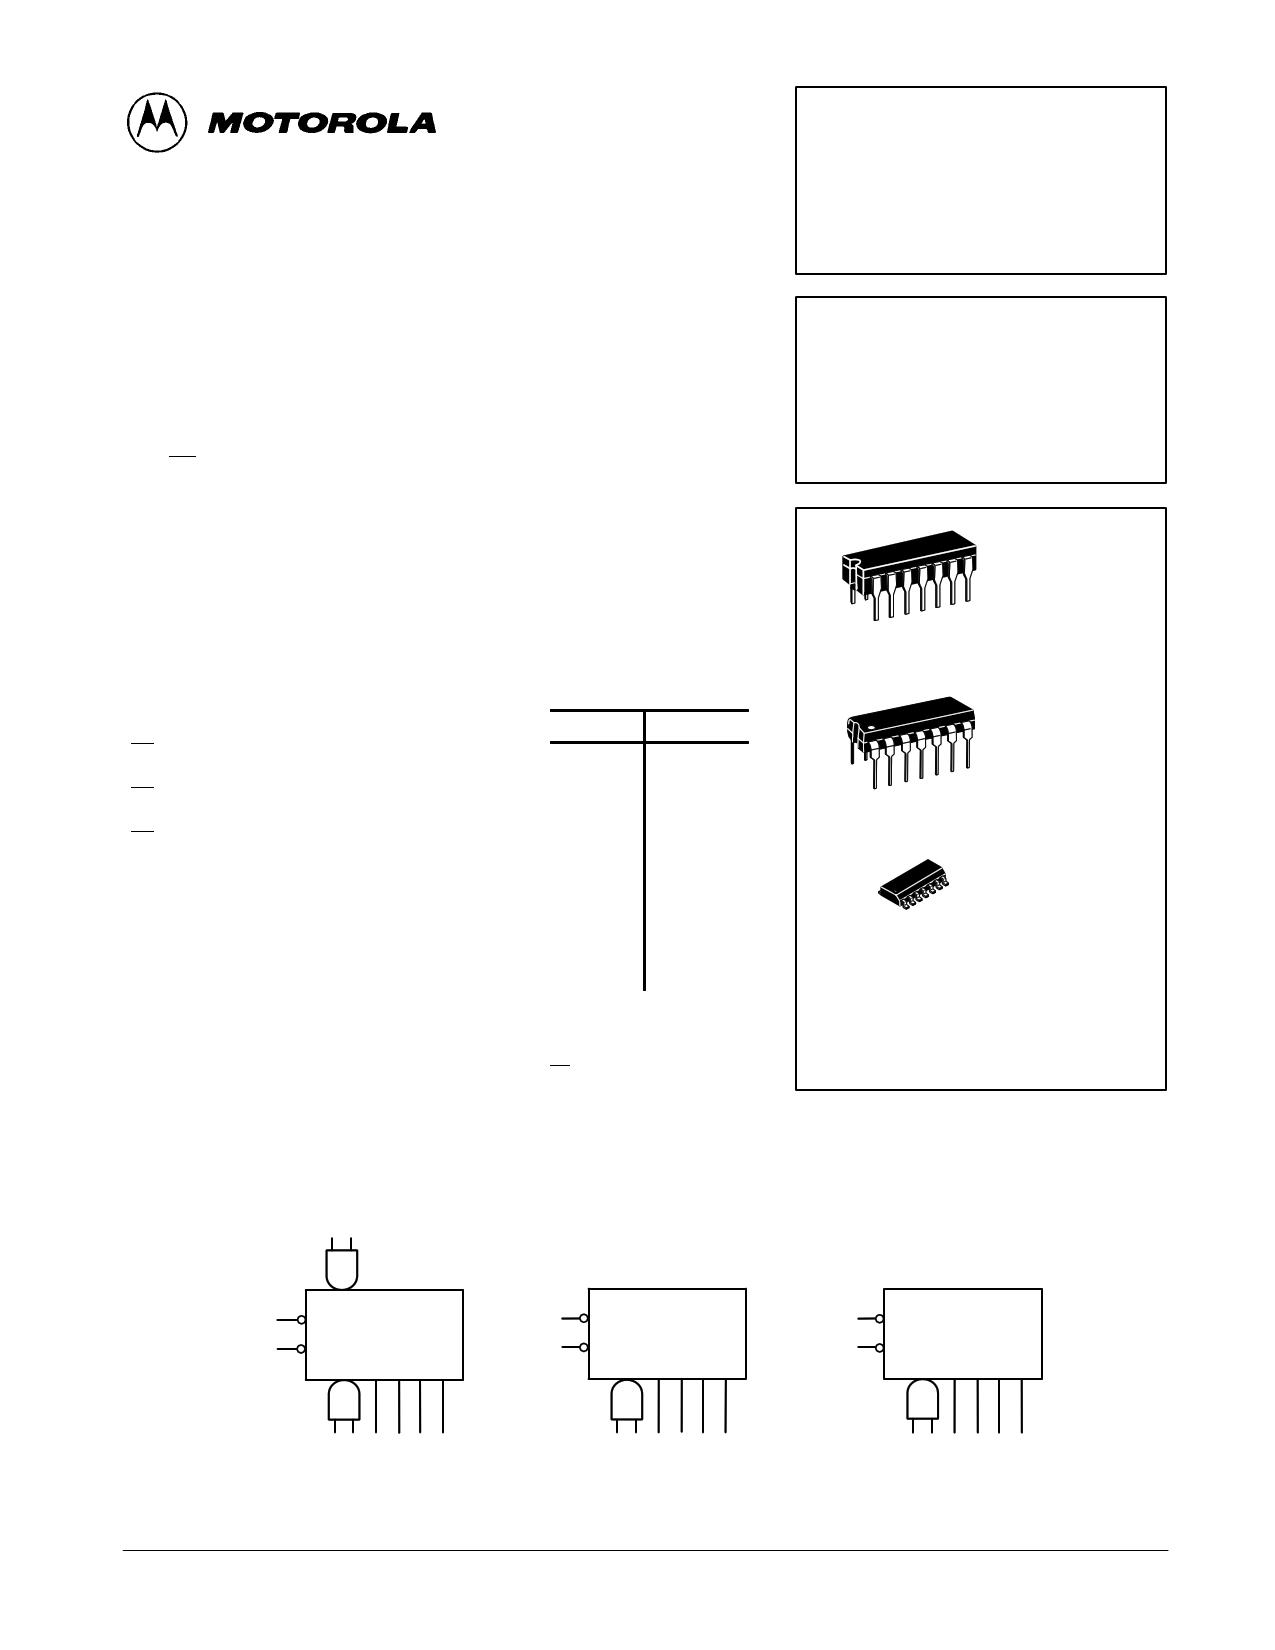 SN54LS92 datasheet